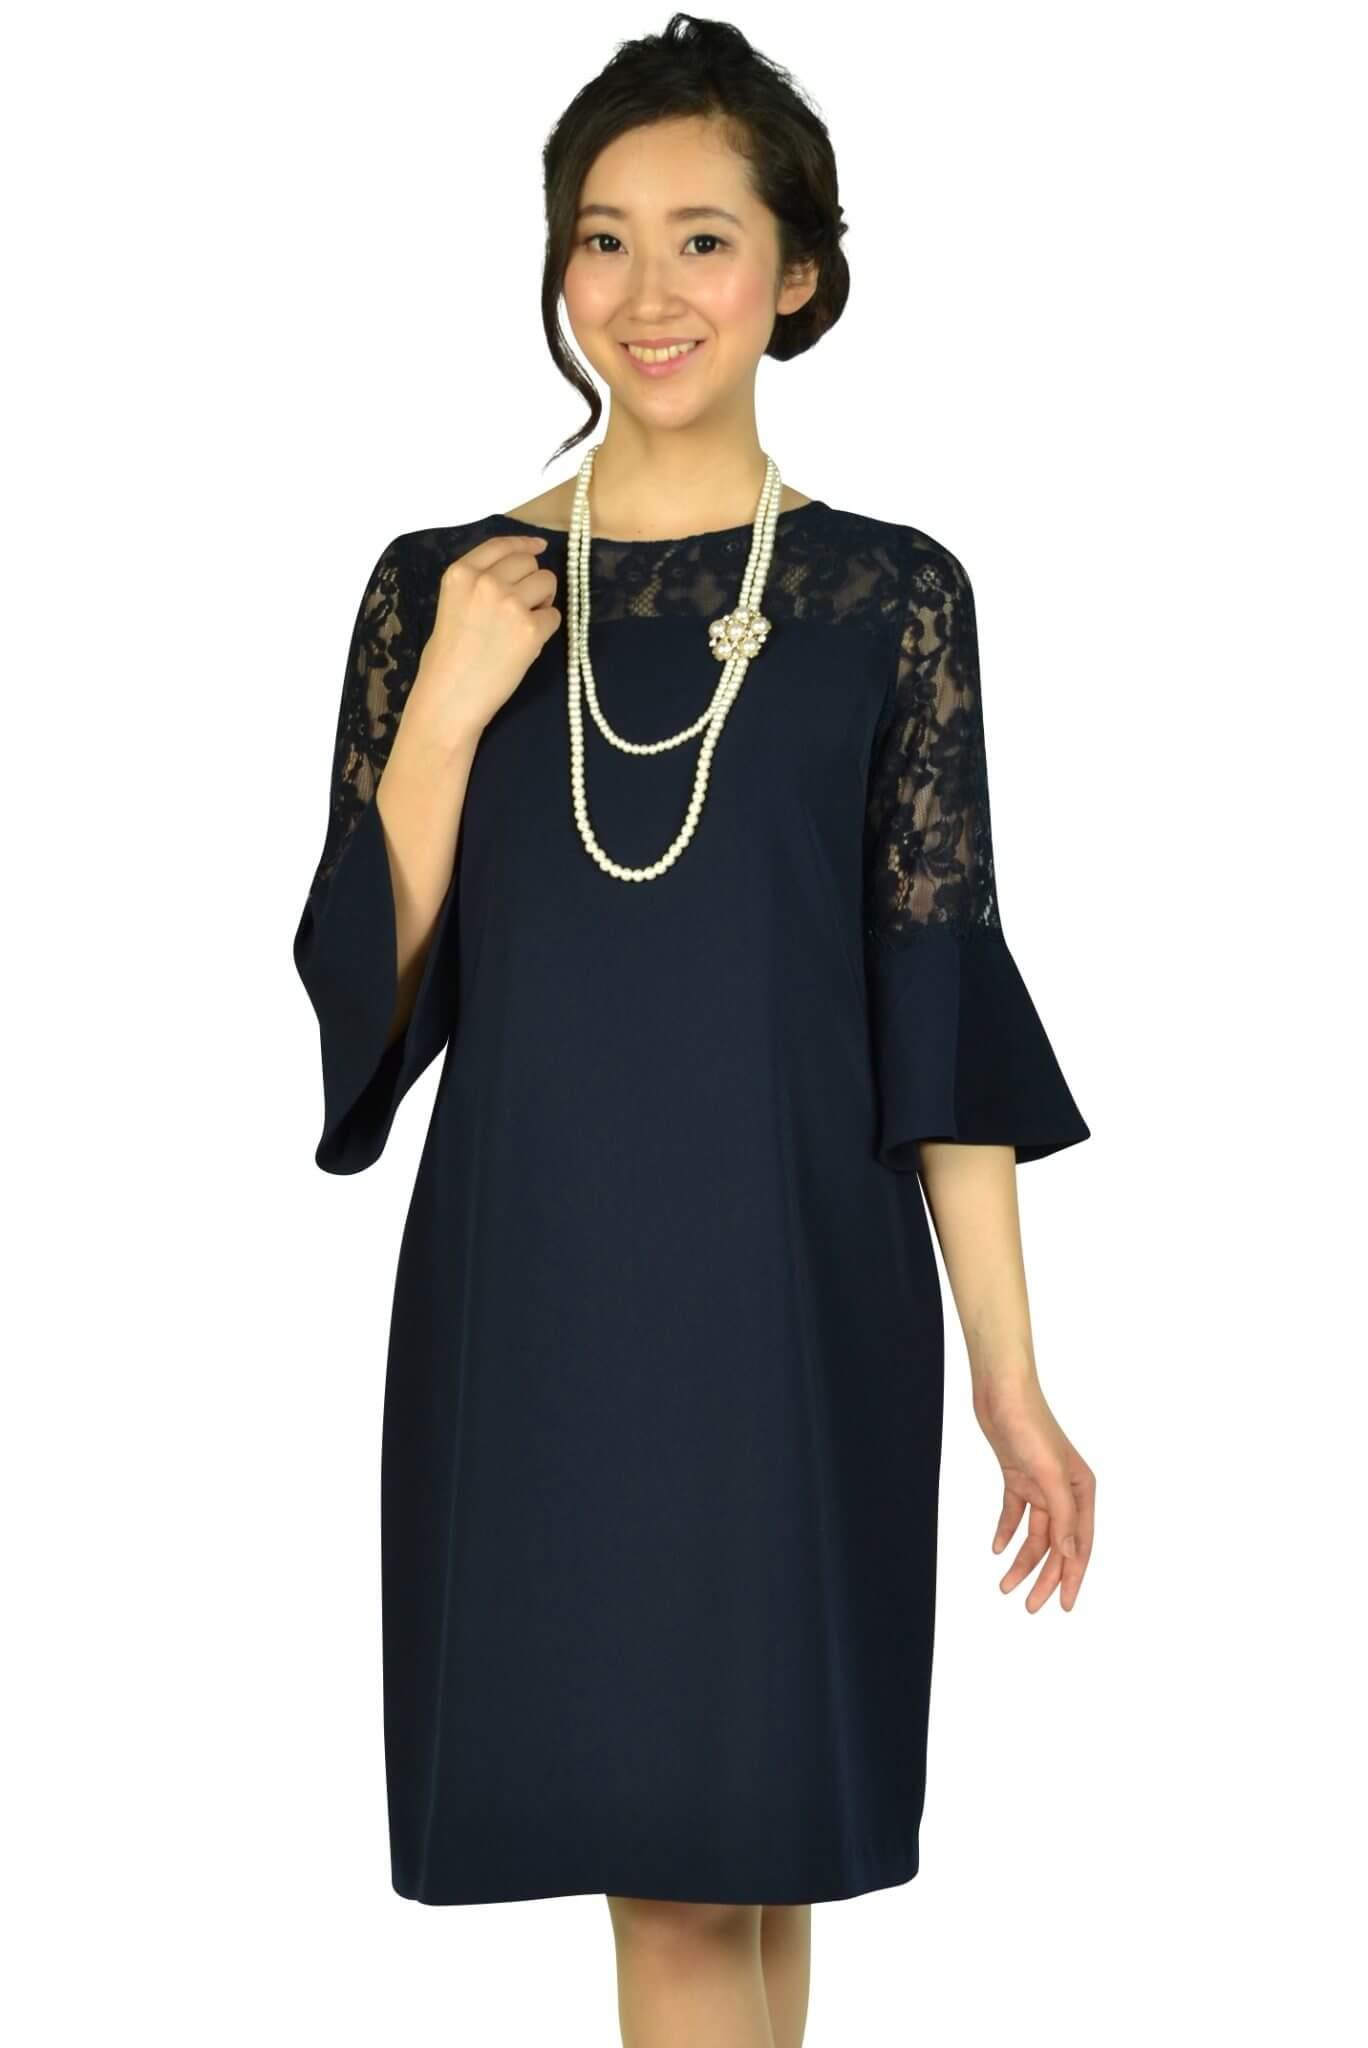 エルモソ リュクス (Hermoso luxe)異素材ベル袖ネイビードレス